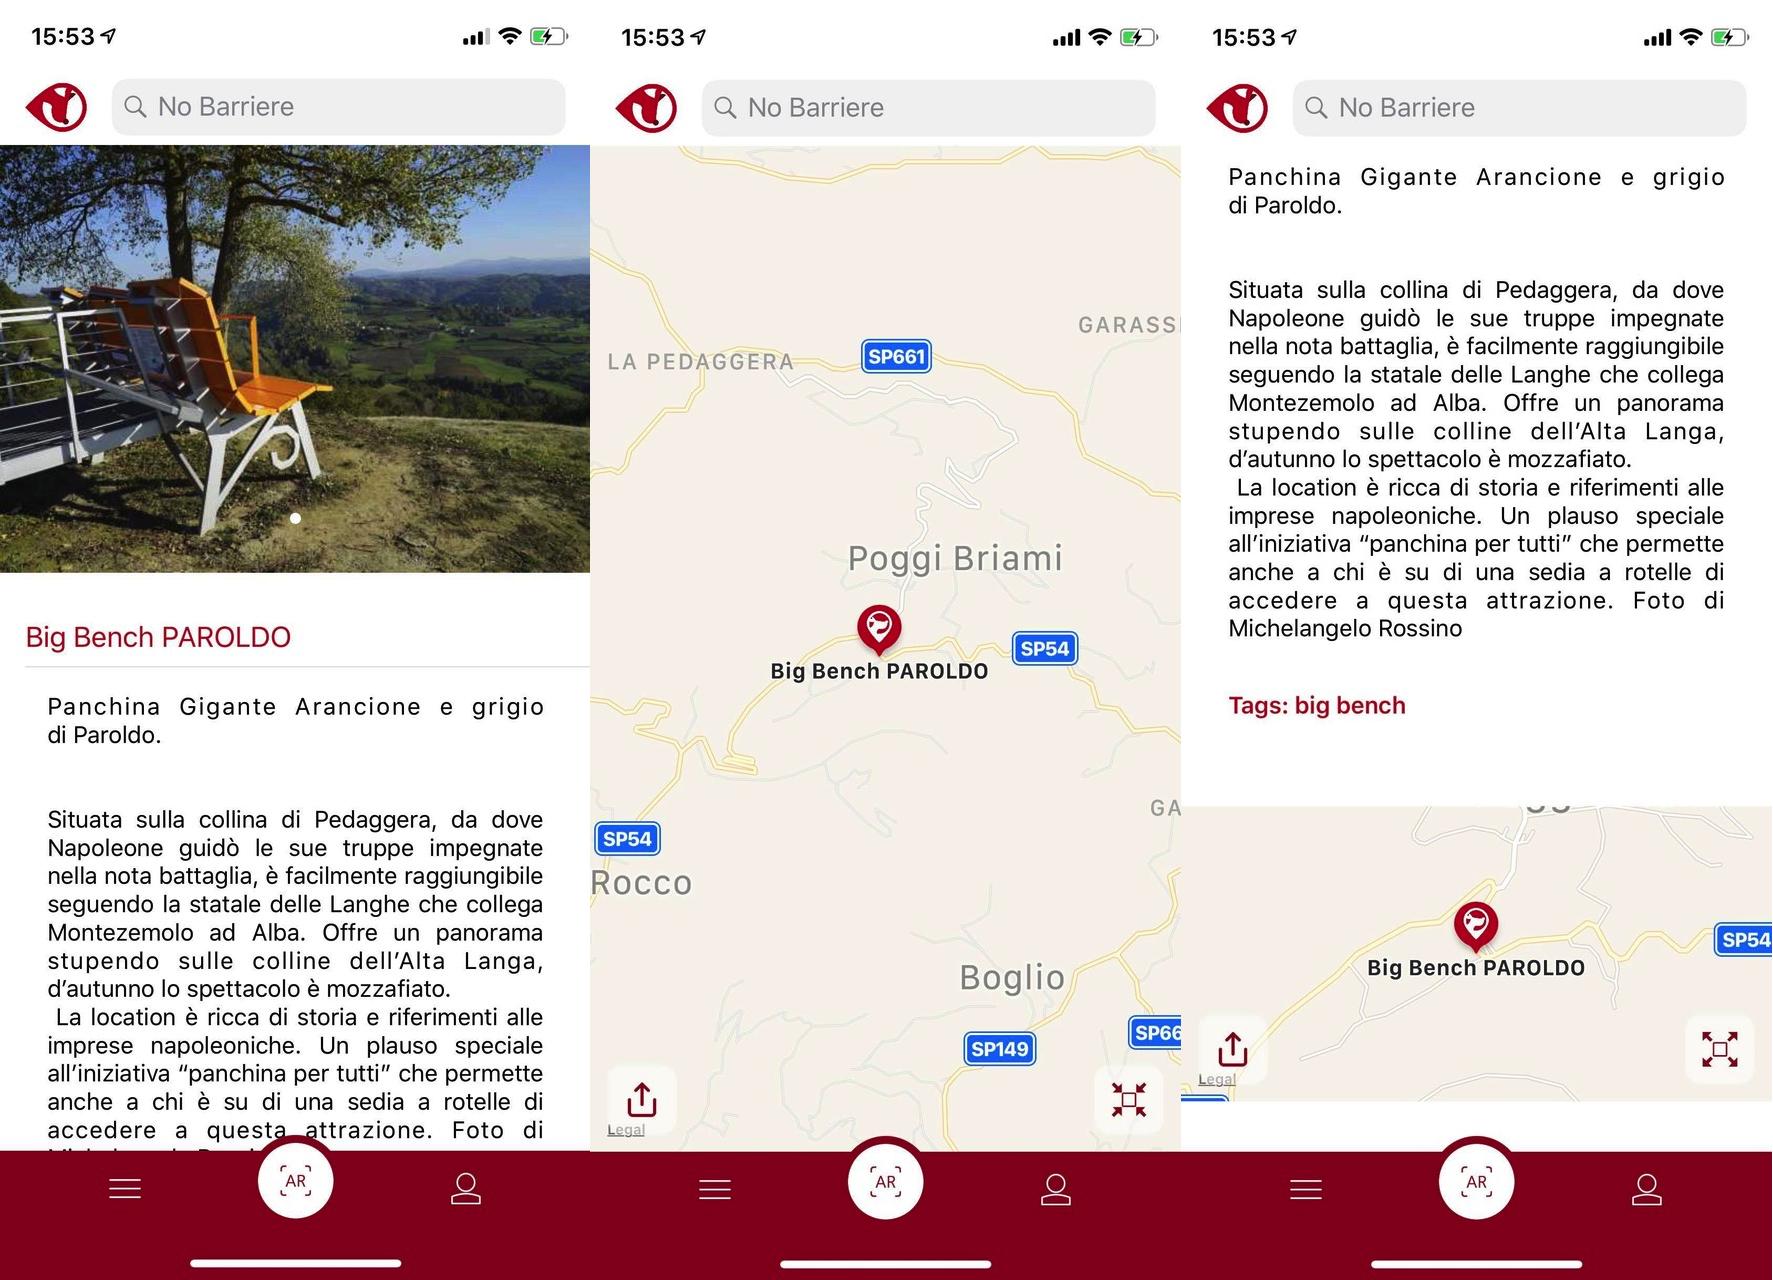 A caccia di panchine giganti con un'app, realtà aumentata e geolocalizzazione